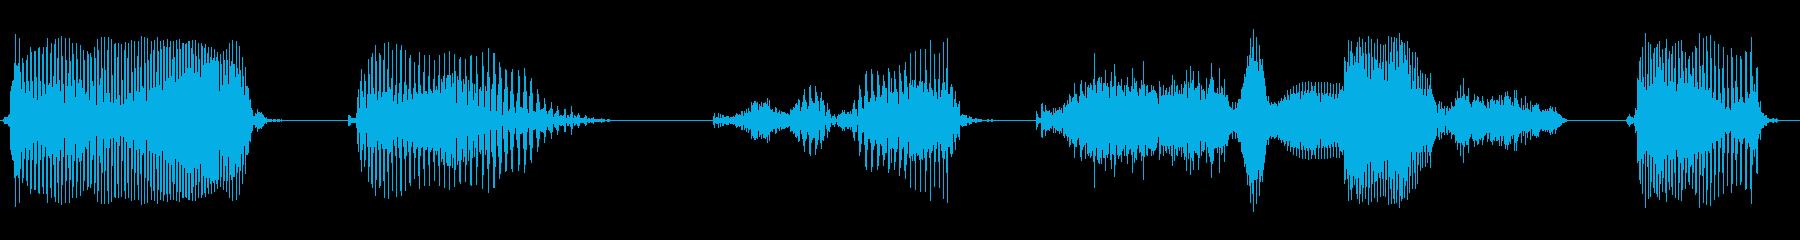 データを記録しましたの再生済みの波形